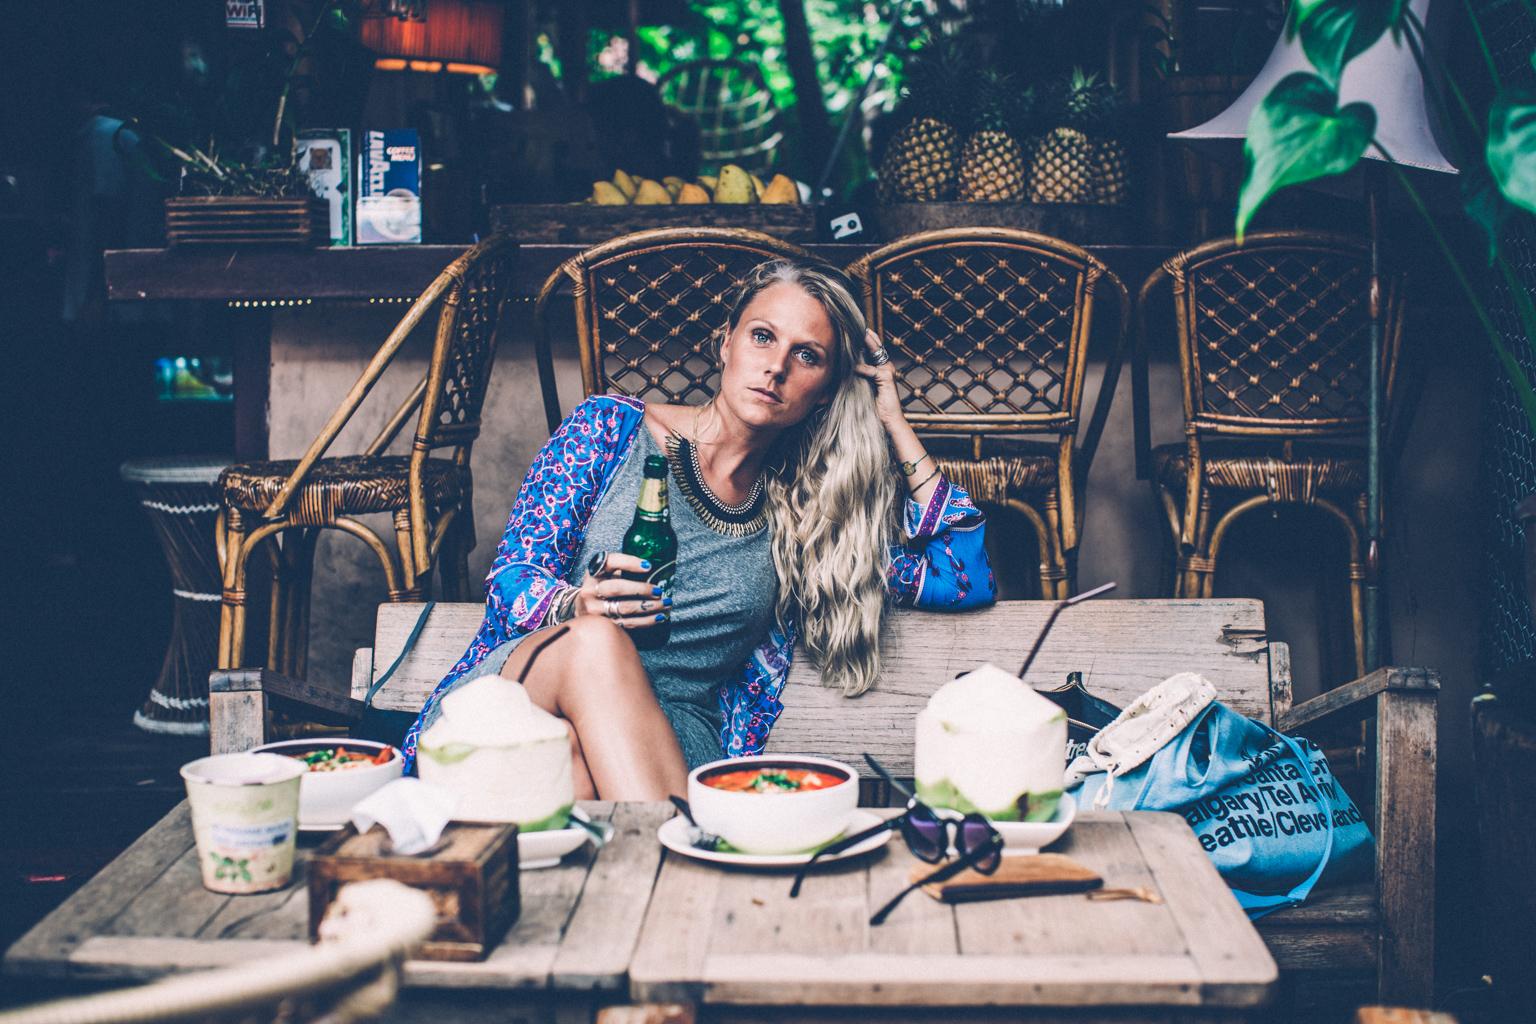 bangkok fgl_Kristin_ lagerqvist-